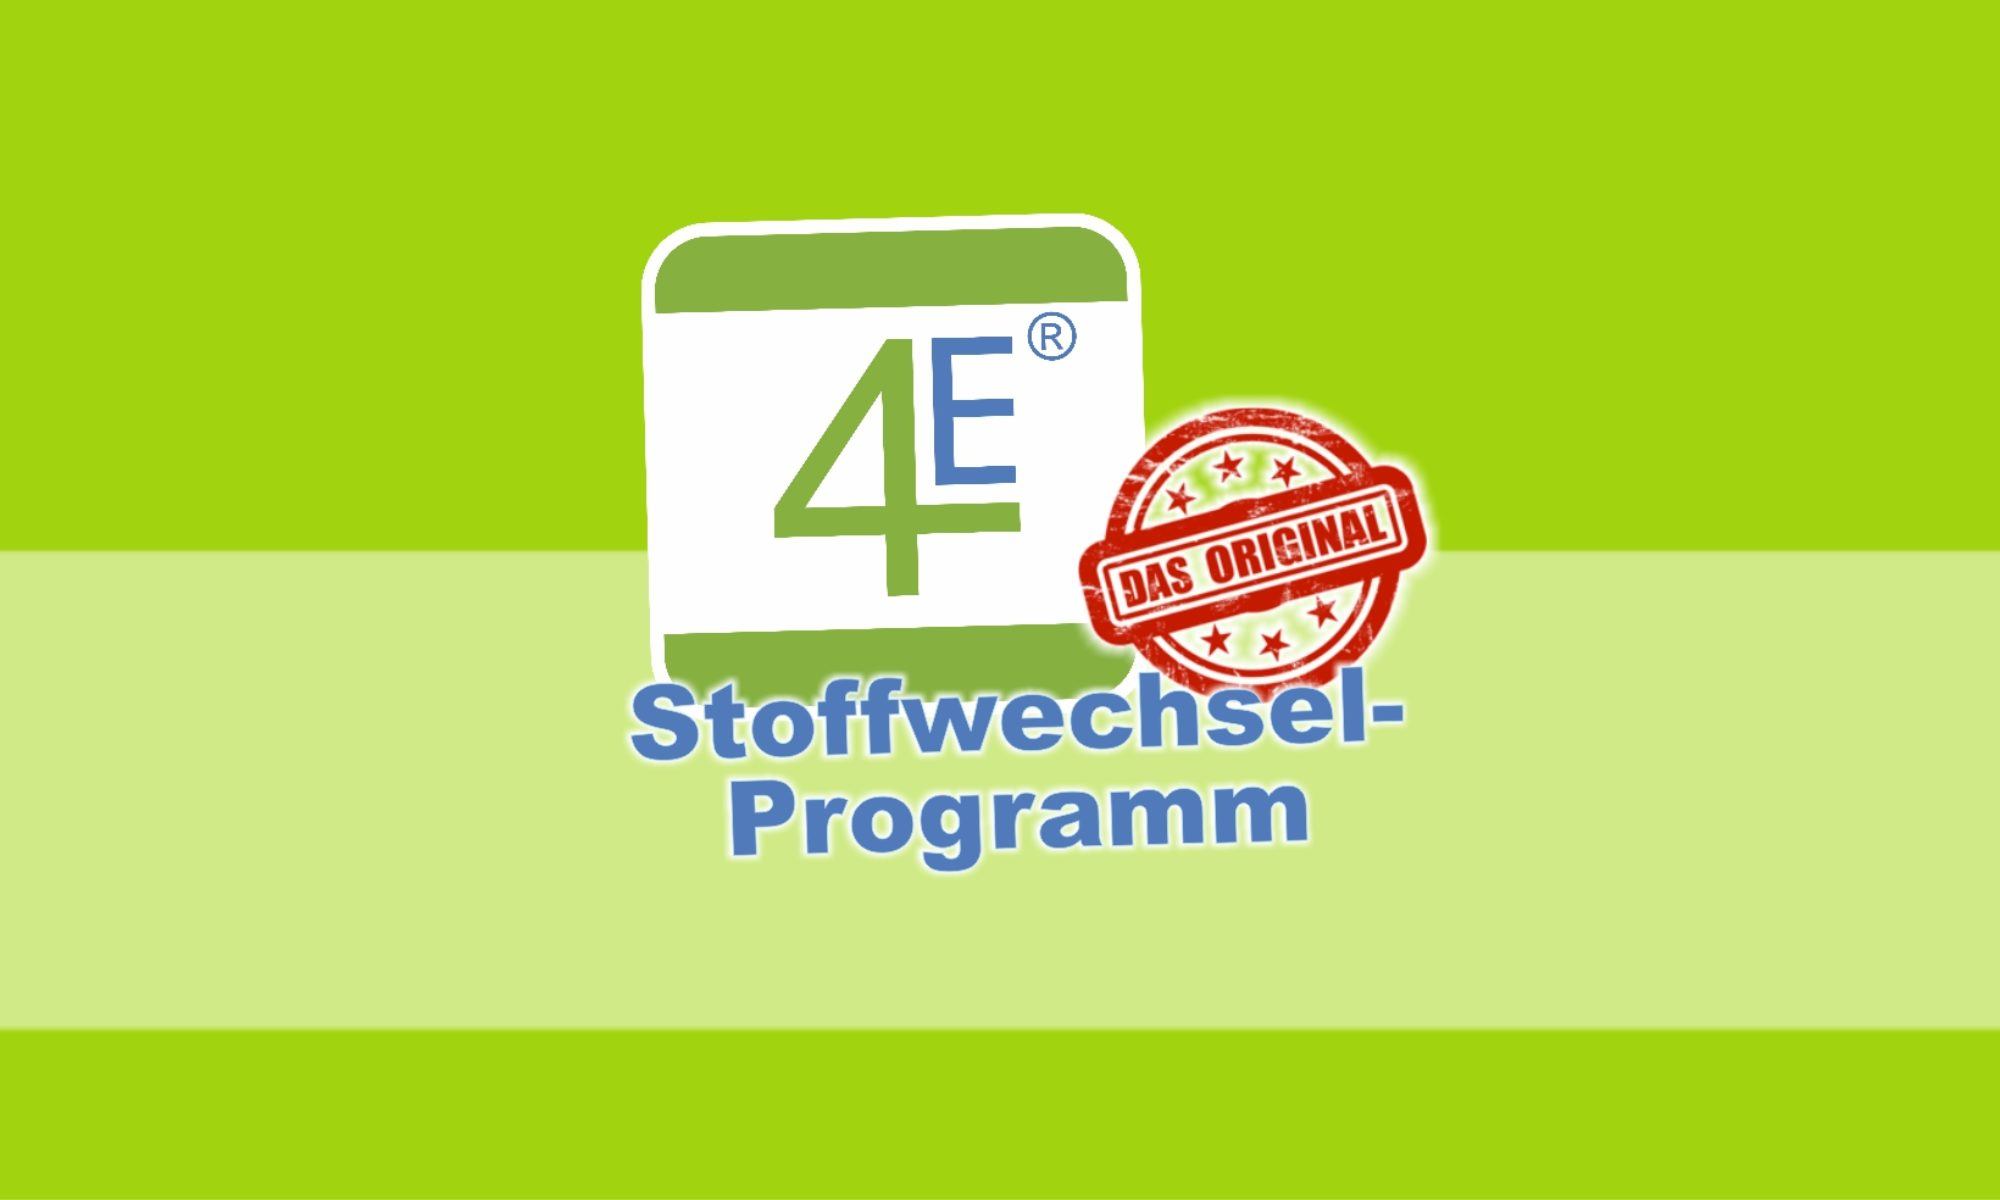 4E Stoffwechselprogramm